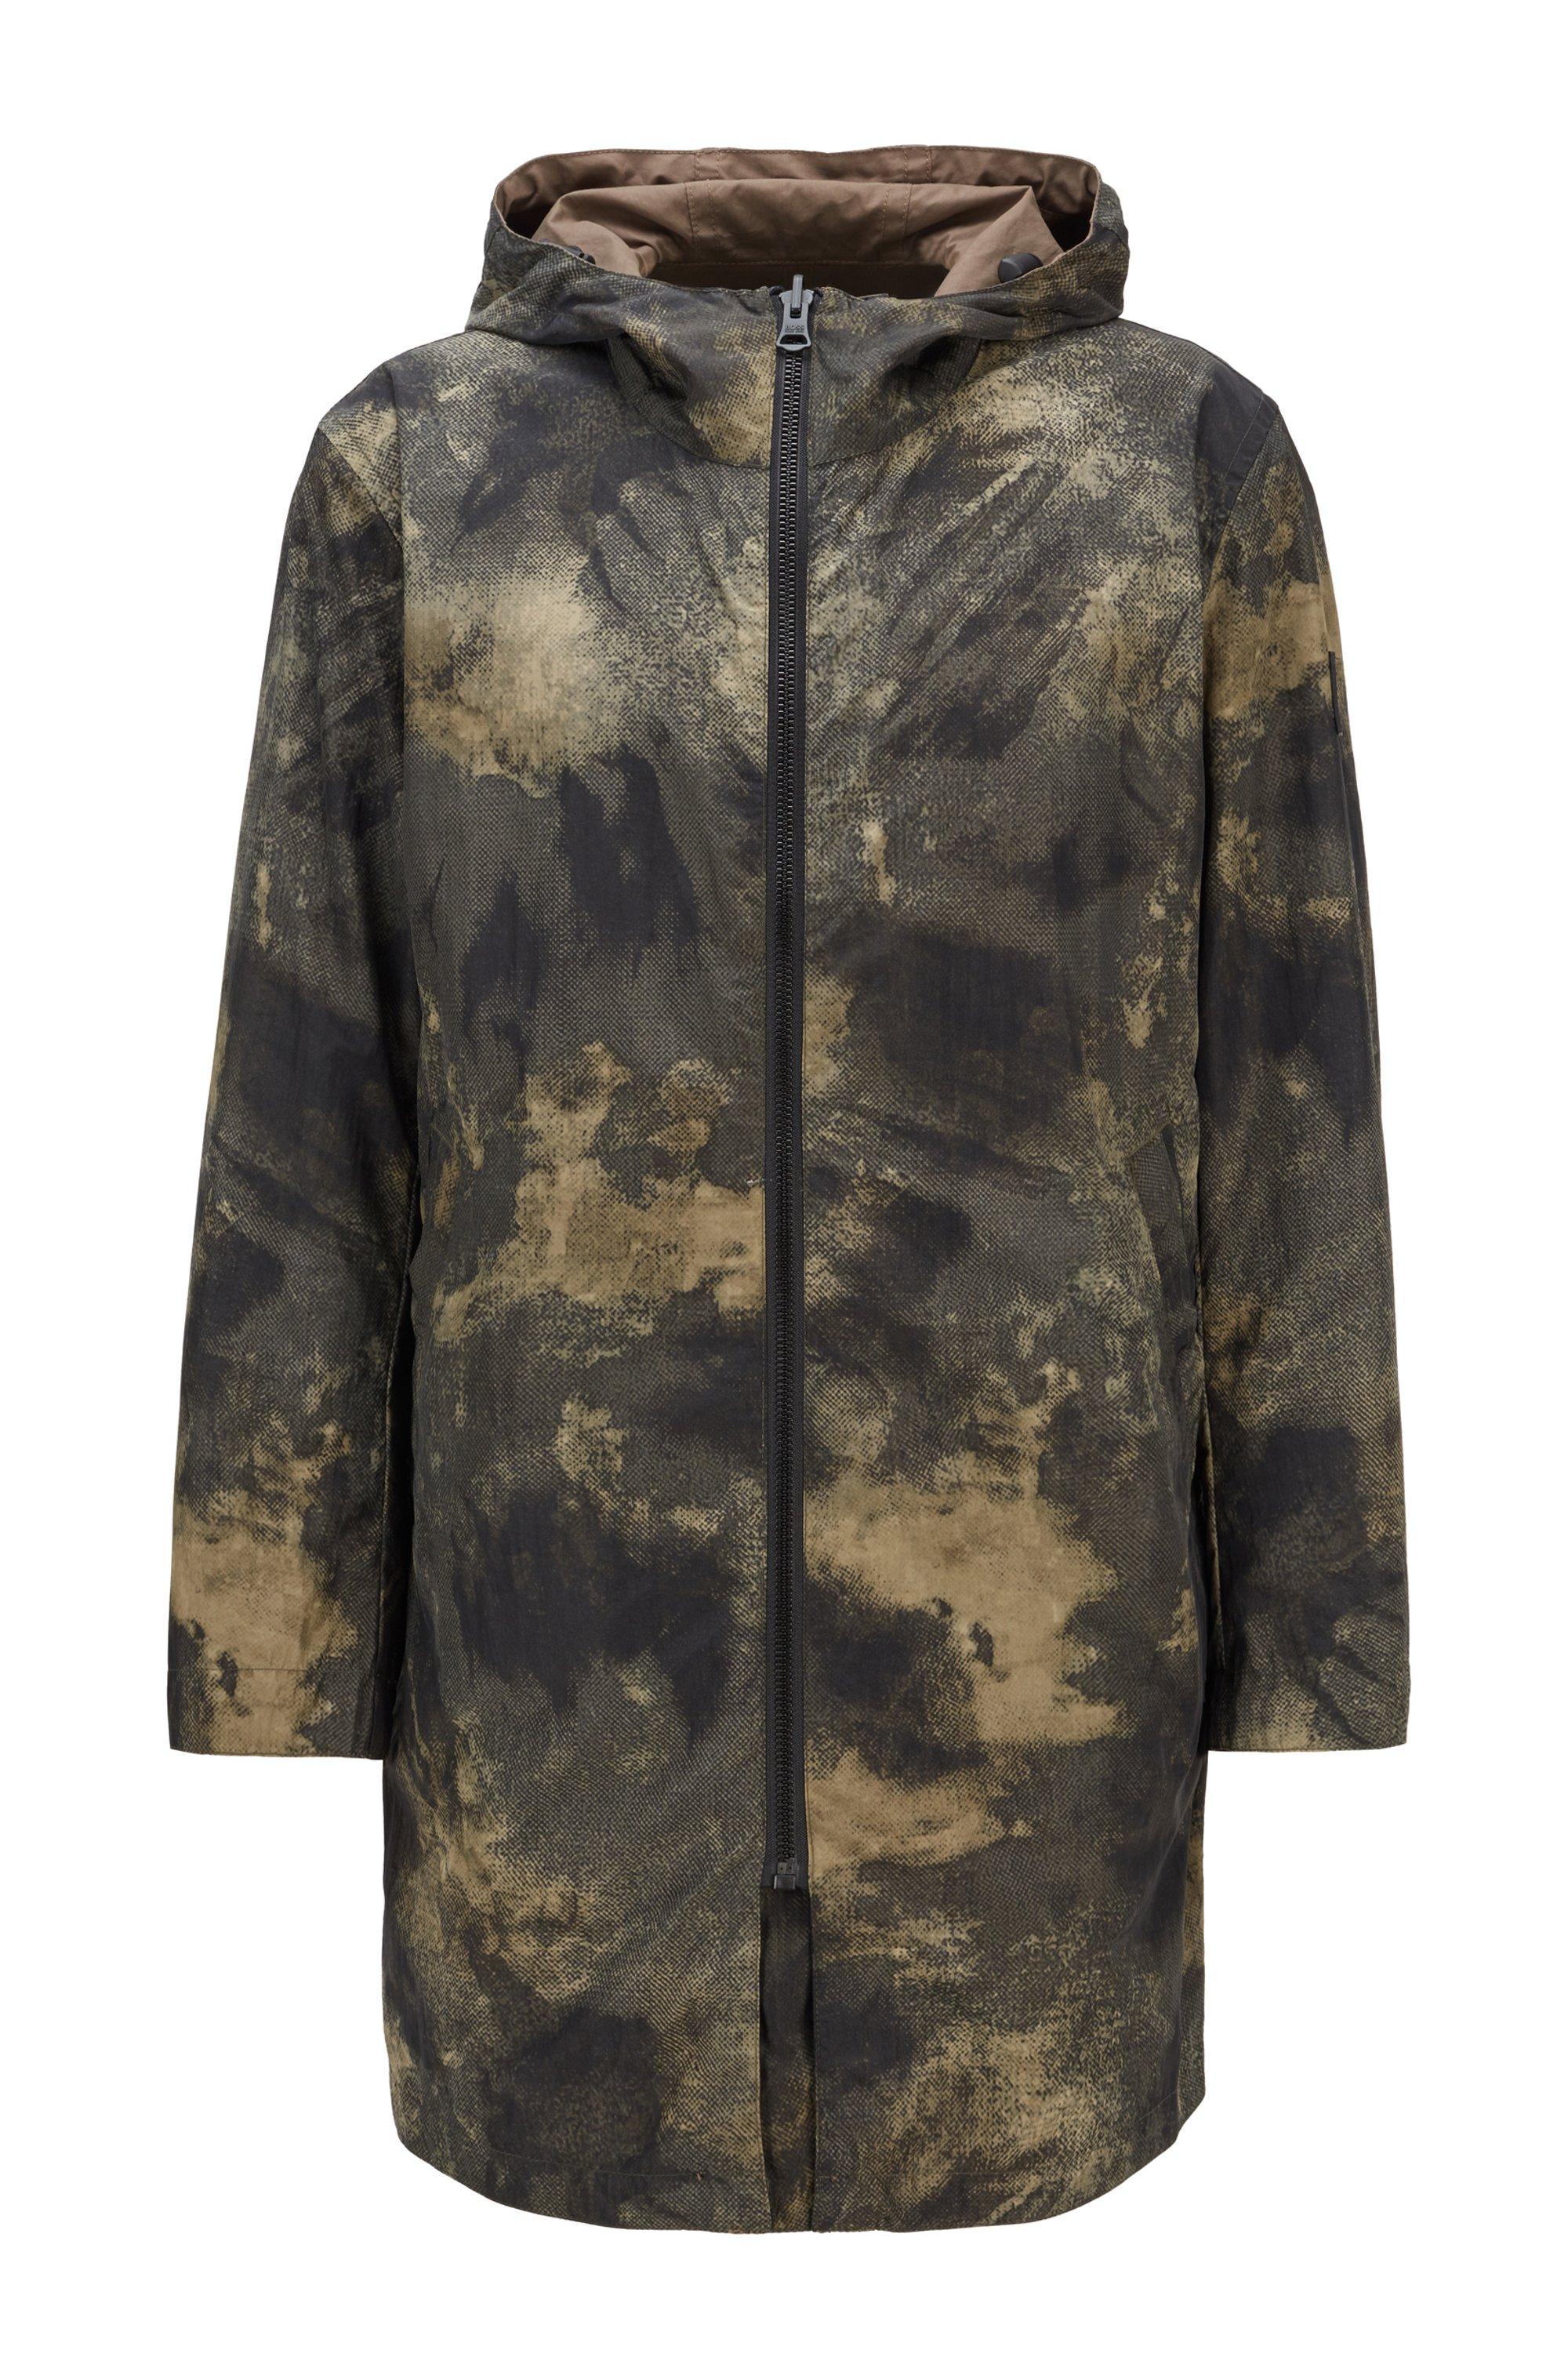 Wendejacke mit digitalem Camouflage-Print und Kapuze, Beige gemustert